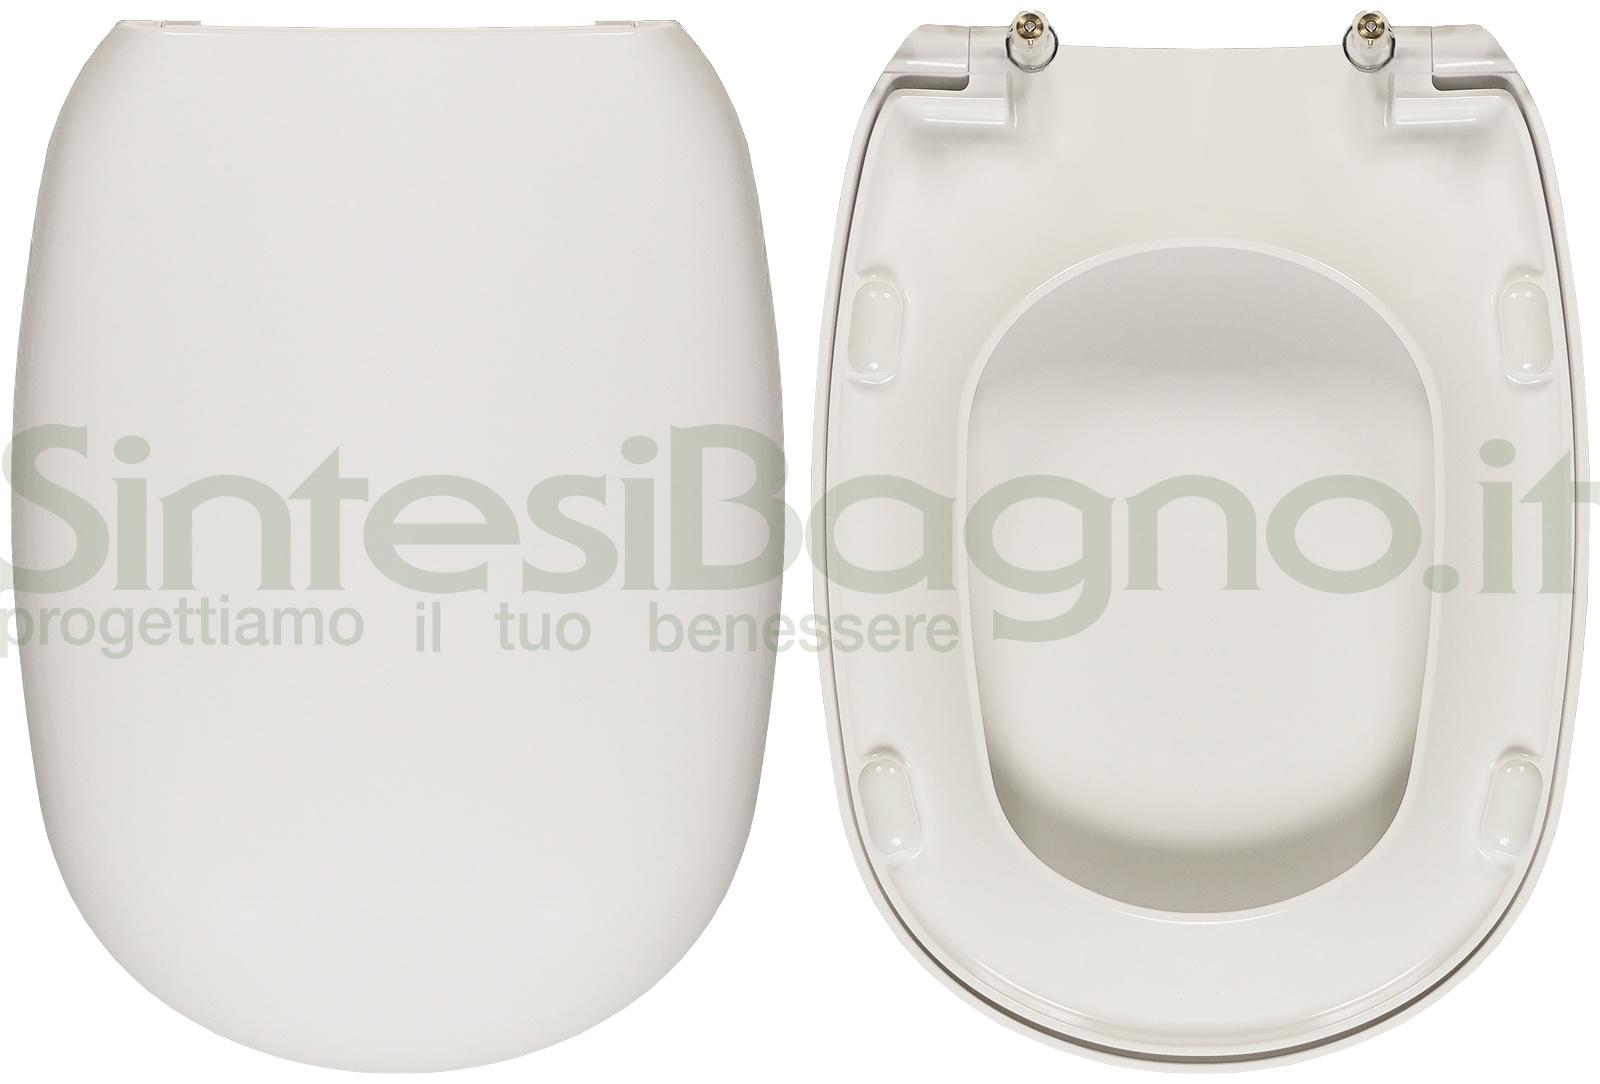 Sedile Wc Pozzi Ginori 500.Copriwater Per Wc Quinta Wc 03340 03315 Pozzi Ginori Ricambio Originale Sintesibagno Shop Online